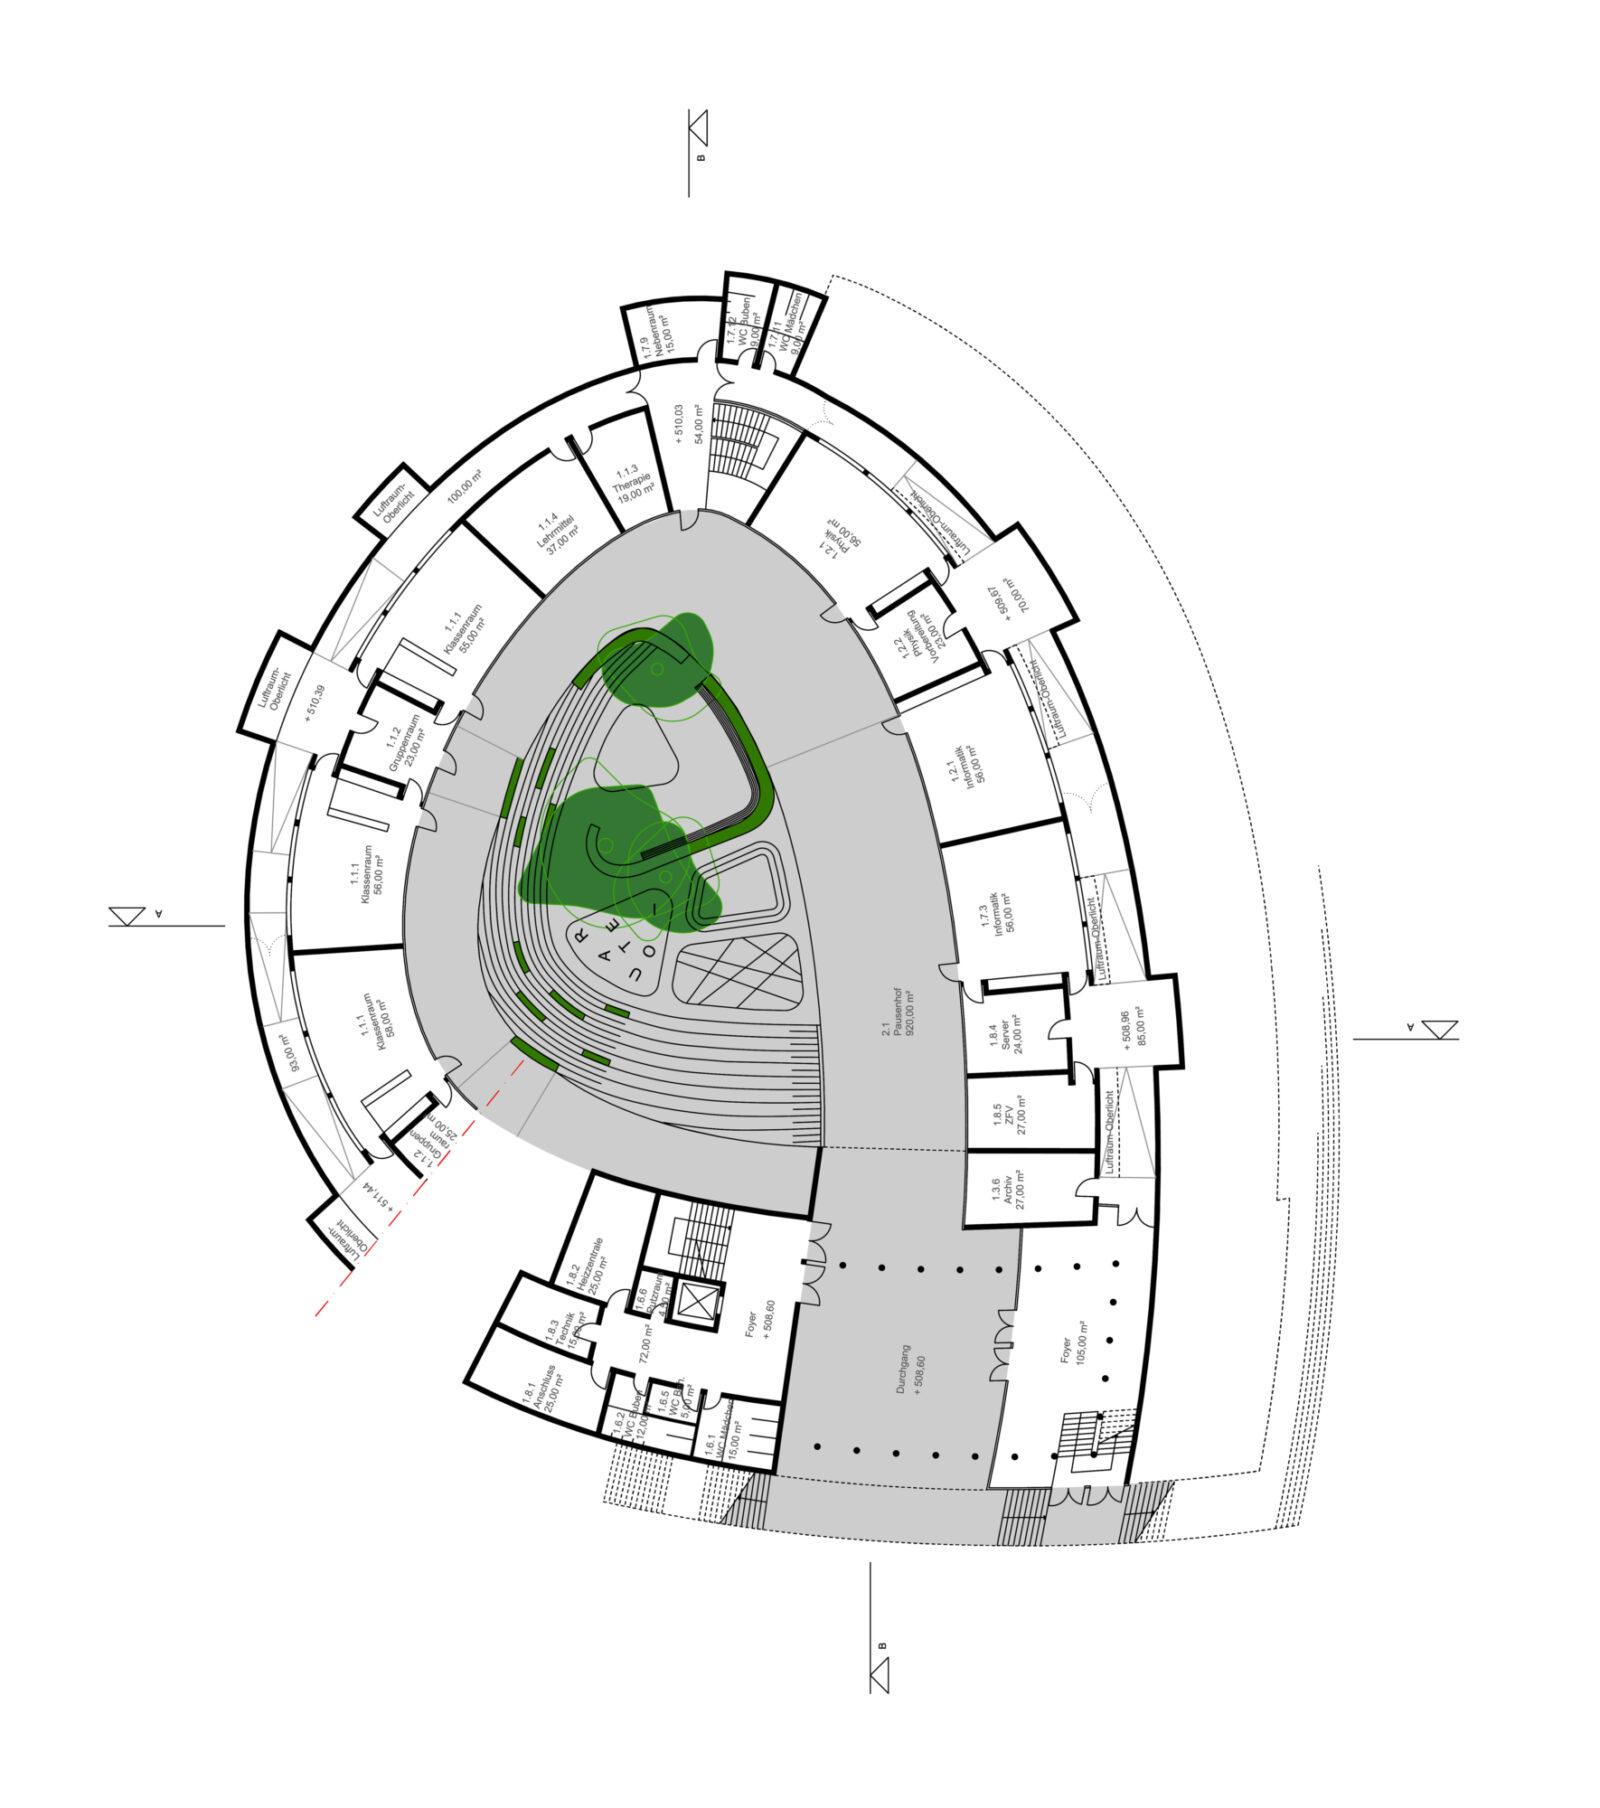 Sec School Ground Floor Plan